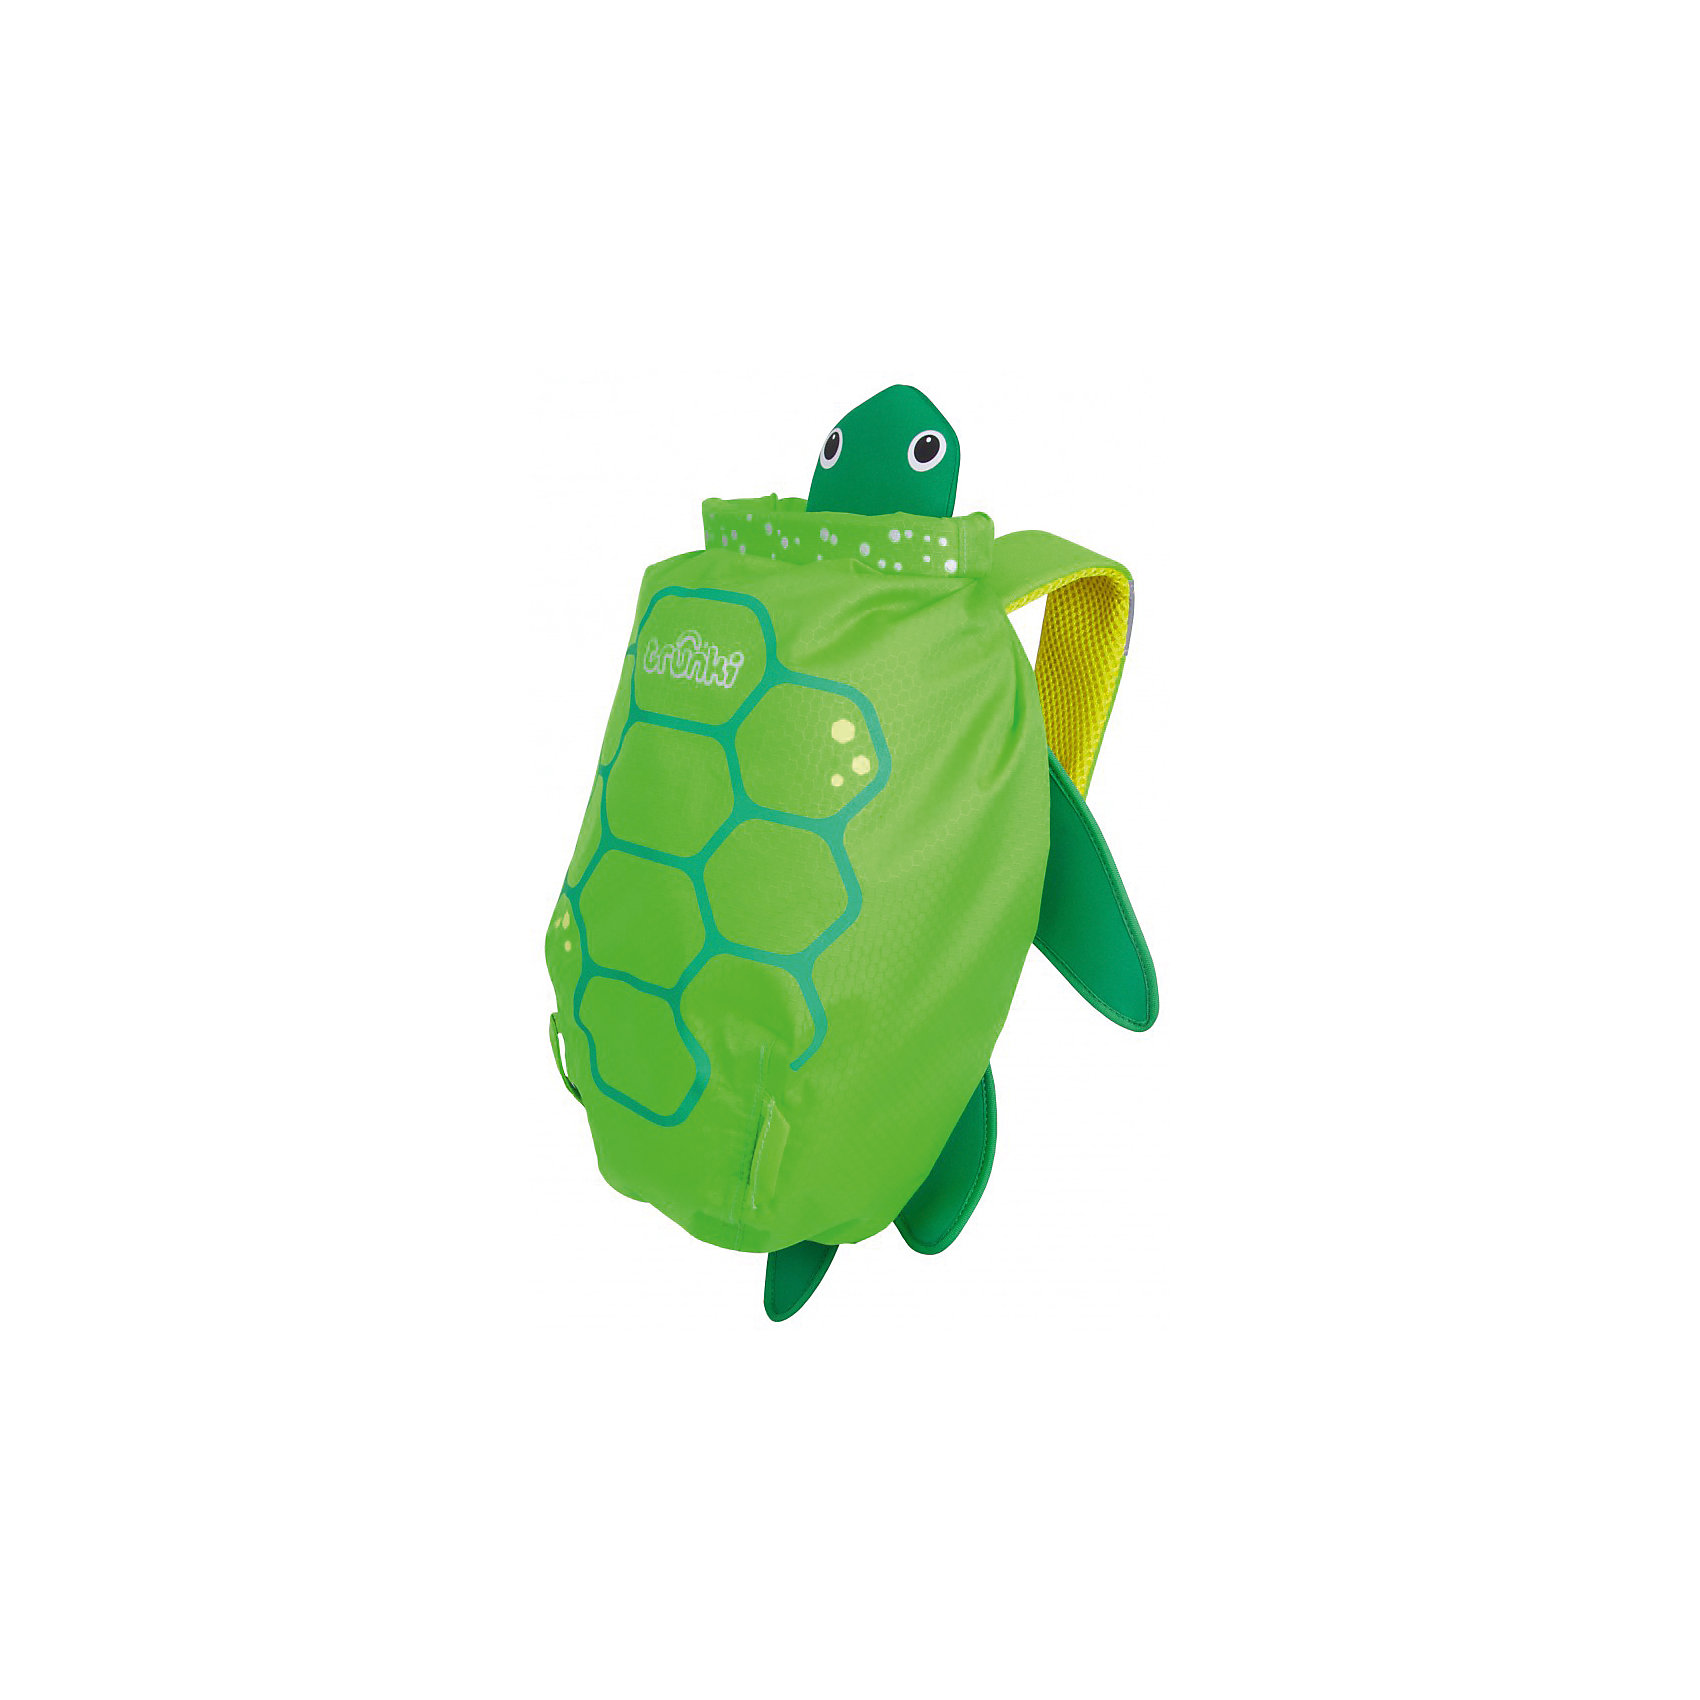 Рюкзак для бассейна и пляжа ЧерепахаПляжные полотенца<br>Рюкзак для бассейна и пляжа Черепаха – это верный спутник вашего ребенка в бассейне или на пляже.<br>Яркий водонепроницаемый рюкзак для бассейна и пляжа выполнен в виде зеленой черепахи с лапками, головой и панцирем. Благодаря размеру он идеально подходит для раздевалок в бассейне или в школе. Спинка рюкзака выполнена из сетчатой дышащей ткани air mesh, поэтому даже самые жаркие летние дни спина ребенка не будет потеть. Широкие плечевые лямки регулируются по длине. На одной из лямок рюкзака находится специальное силиконовое крепление с отверстием для солнечных очков. Рюкзак изготовлен из легкого прочного водоотталкивающего материала, который легко поддается чистке и стирке. Внутри рюкзака одно вместительное отделение, изготовленное из такой же водонепроницаемой ткани, что и сам рюкзак. Все швы и соединительные элементы проклеены, для надежности и защиты от протекания. Имеется место для контактной информации маленького владельца. Уникальное крепление-застежка top roll защитит содержимое рюкзака от воды. Три оборота, и горловина рюкзака плотно закрыта и зафиксирована! Для ценных вещей имеется дополнительный потайной водонепроницаемый кармашек. По всей площади рюкзака предусмотрены светоотражающие элементы, отвечающие за безопасность ребенка в темное время суток.<br><br>Дополнительная информация:<br><br>- Возраст: от 3 лет<br>- Для мальчиков и девочек<br>- Цвет: зеленый.<br>- Материал: текстиль, пластик.<br>- Размер рюкзака: 49 х 41 х 10 см.<br>- Вес: 180 гр.<br><br>Рюкзак для бассейна и пляжа Черепаха можно купить в нашем интернет-магазине.<br><br>Ширина мм: 370<br>Глубина мм: 290<br>Высота мм: 170<br>Вес г: 170<br>Возраст от месяцев: 24<br>Возраст до месяцев: 168<br>Пол: Унисекс<br>Возраст: Детский<br>SKU: 4921555